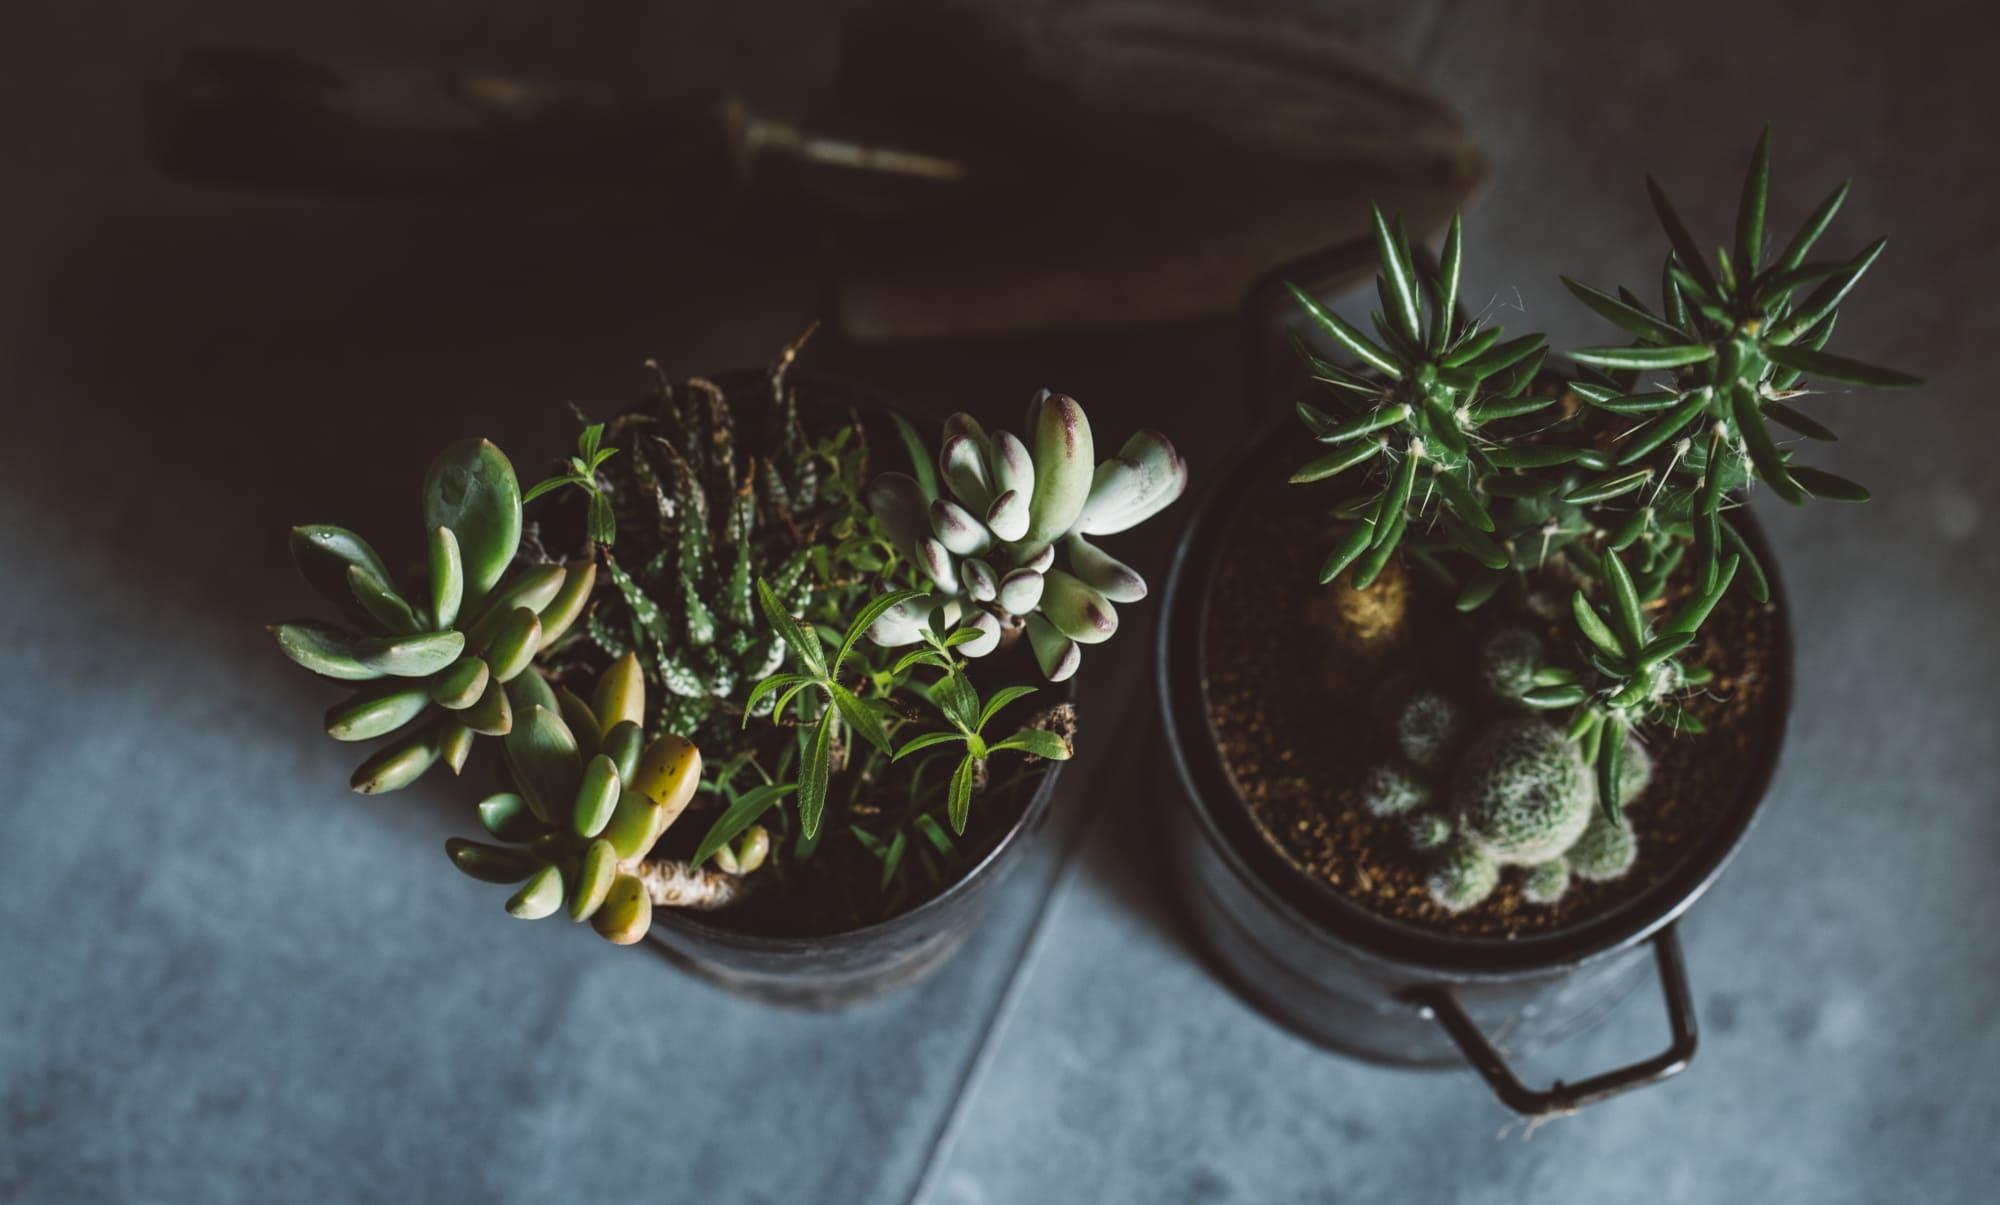 鉢寄せ・鉢花 イメージ画像